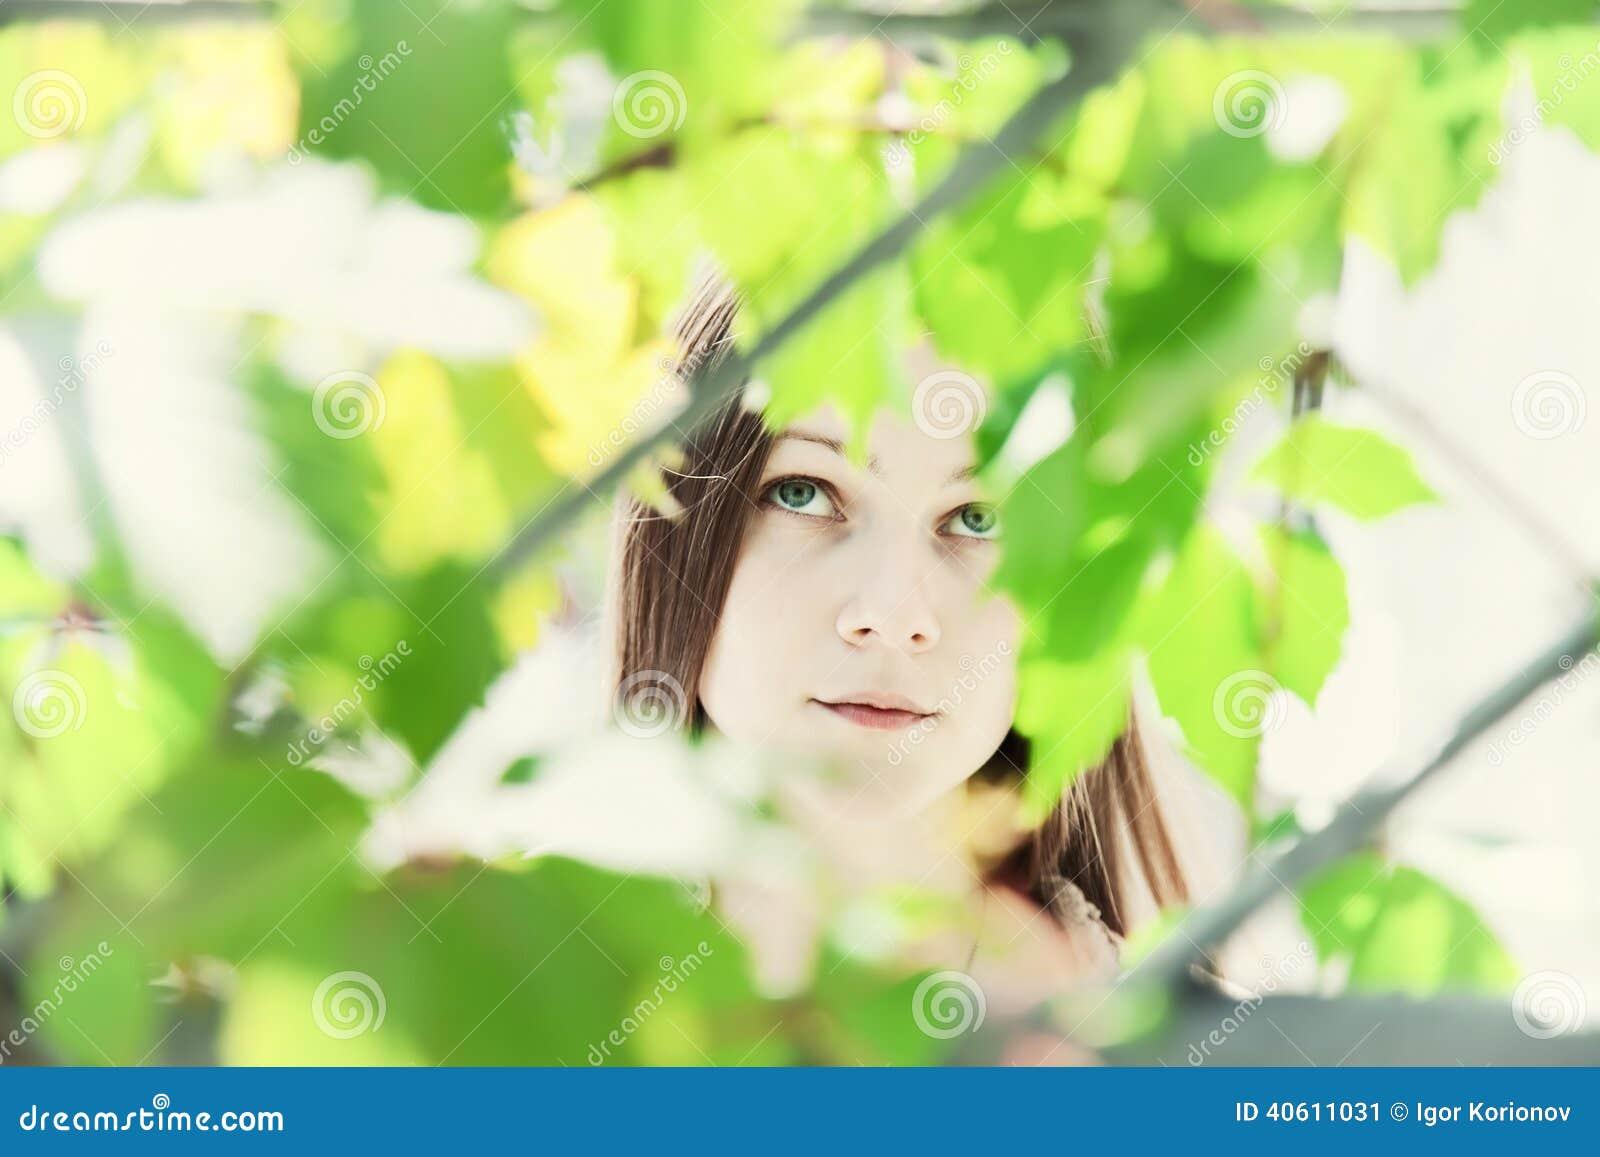 Portret młoda piękna dziewczyna w ulistnieniu